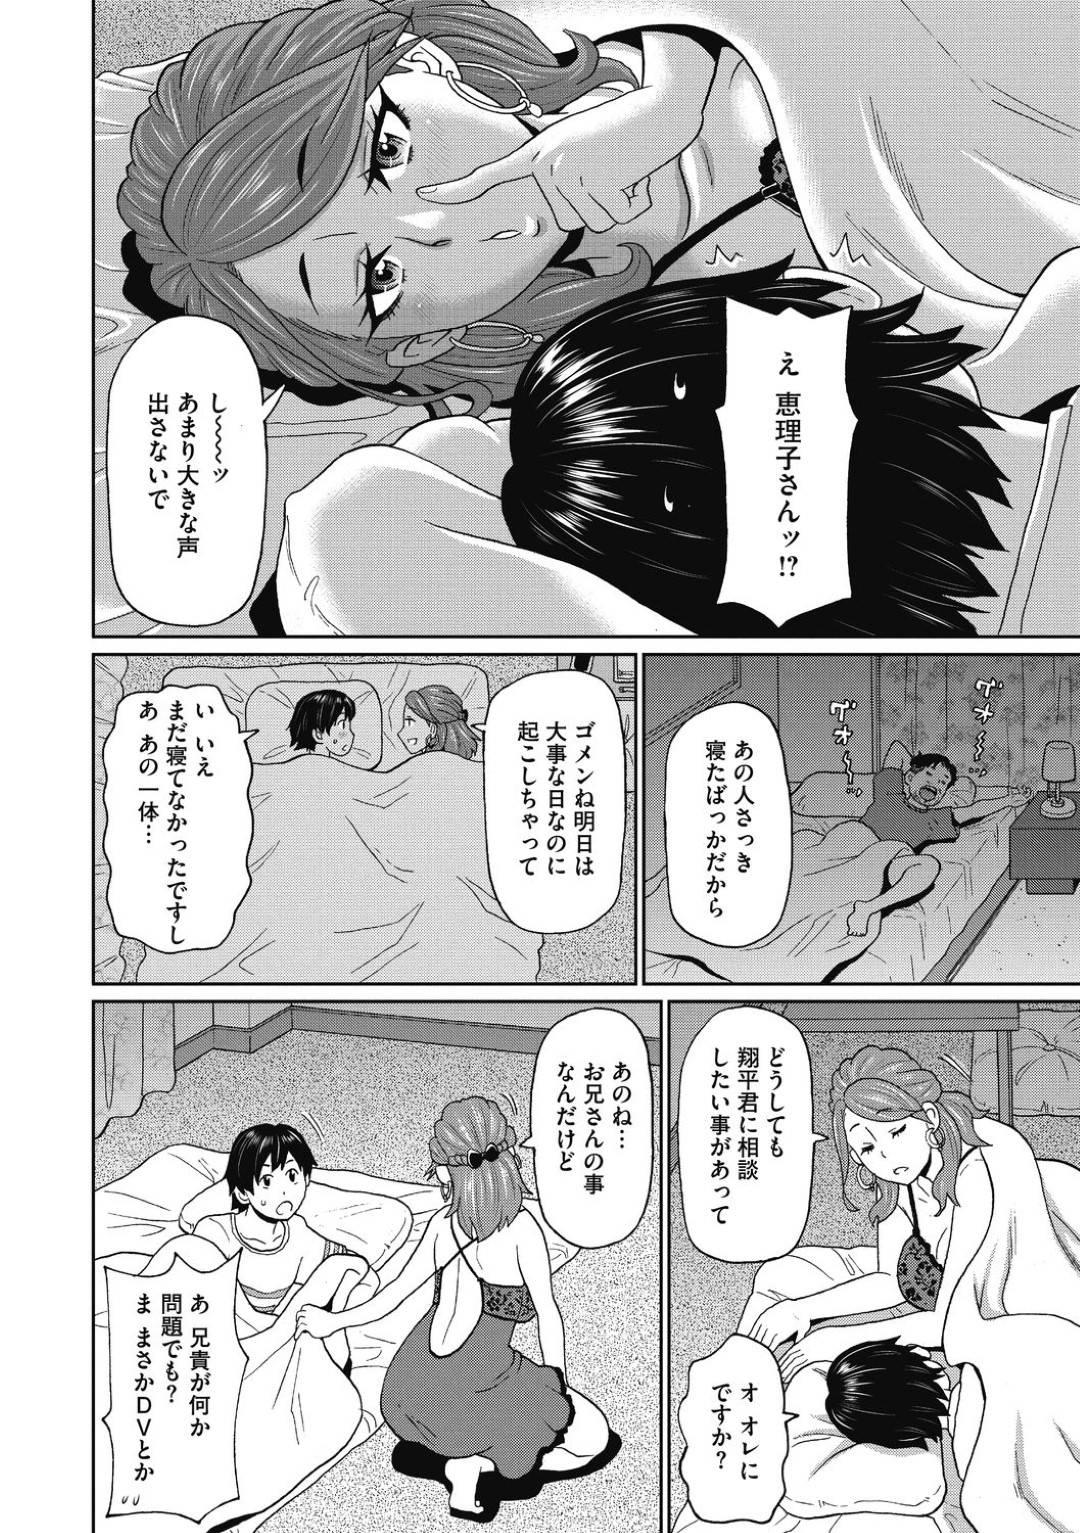 【エロ漫画】夫の弟が泊まりに来たその晩に夜這いする淫乱人妻…セックスレスを打ち明けて激しく中出しセックスをする!【ジョン・K・ペー太】